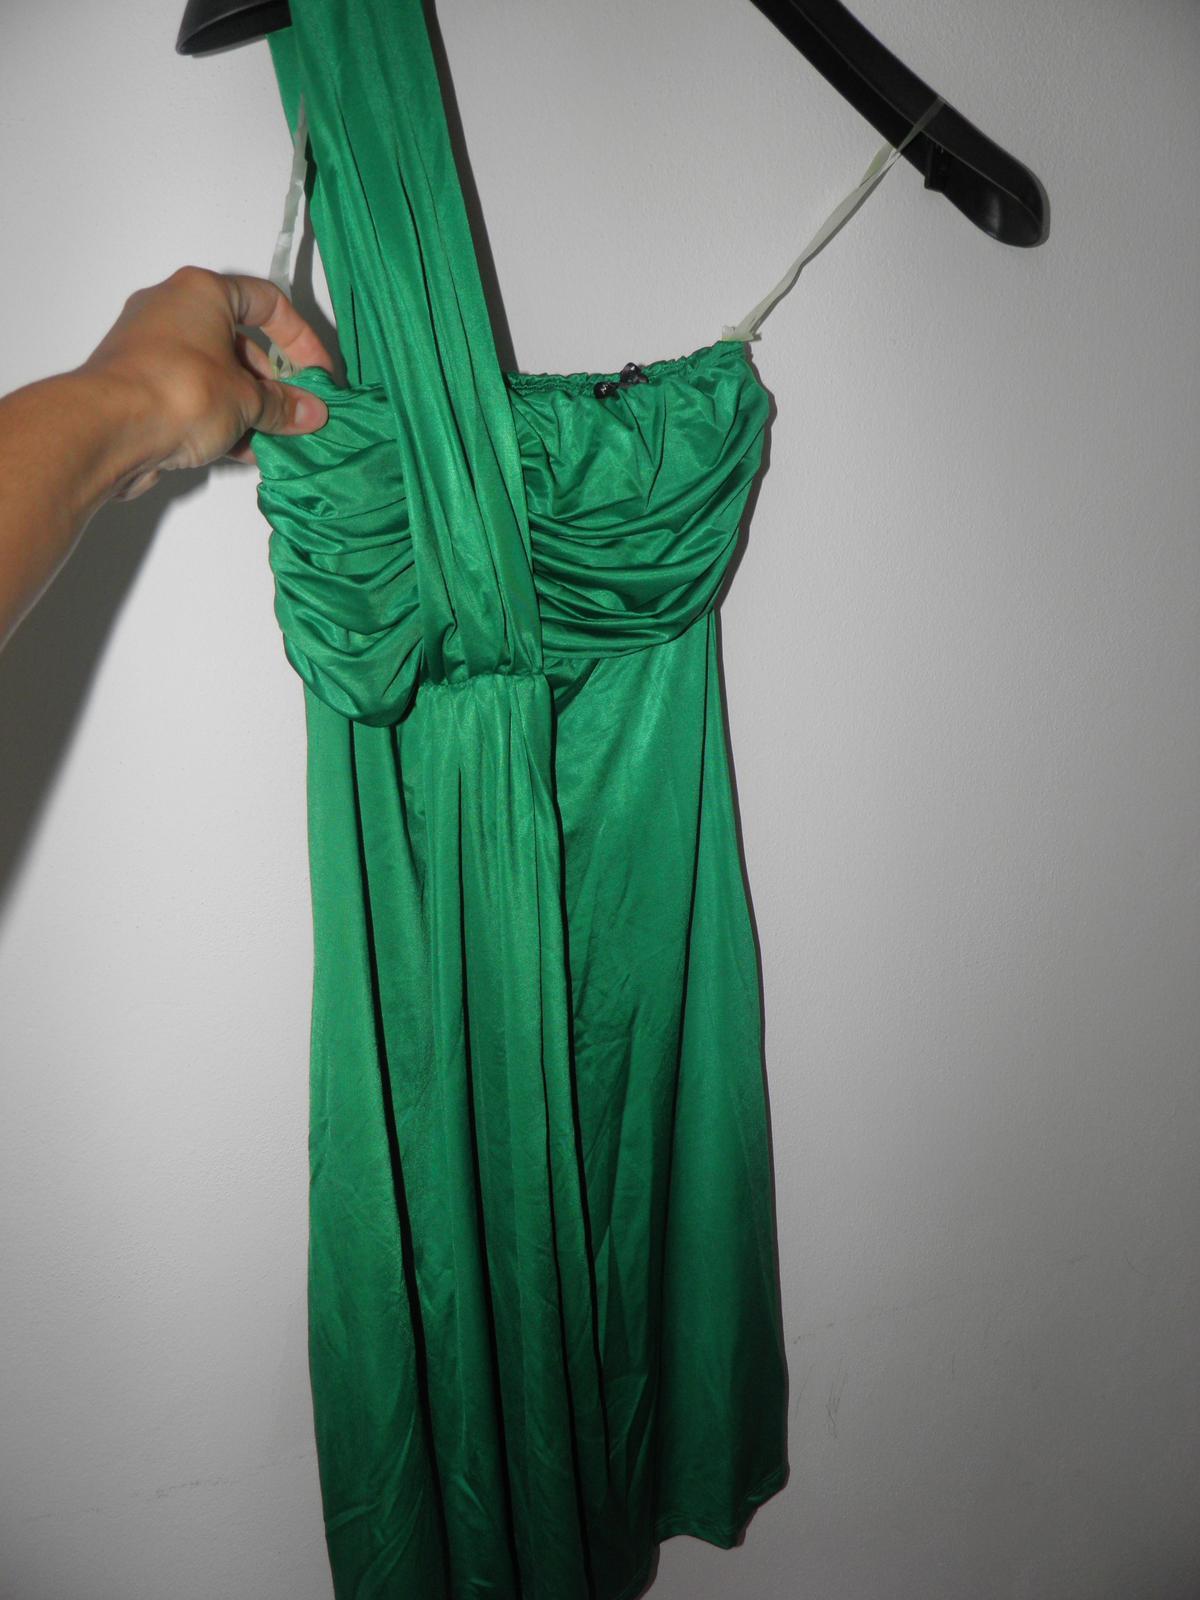 perfektné princeznovské šaty, nenosené - Obrázok č. 1